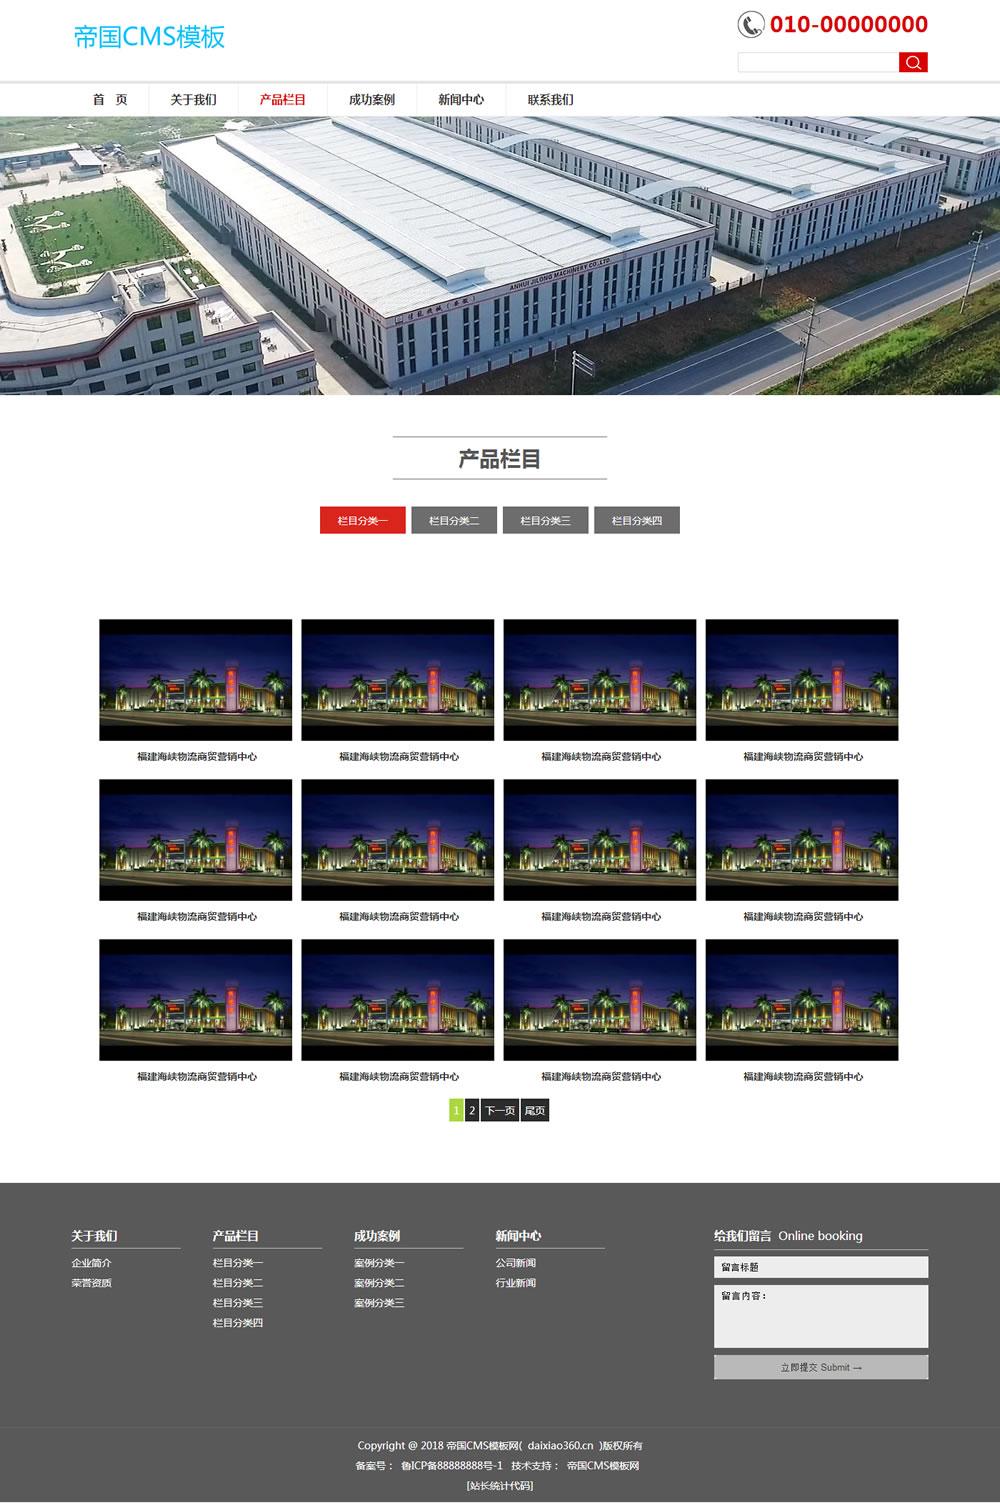 帝国企业模板之大气简约时尚通用企业公司自适应响应式模板_图片展示